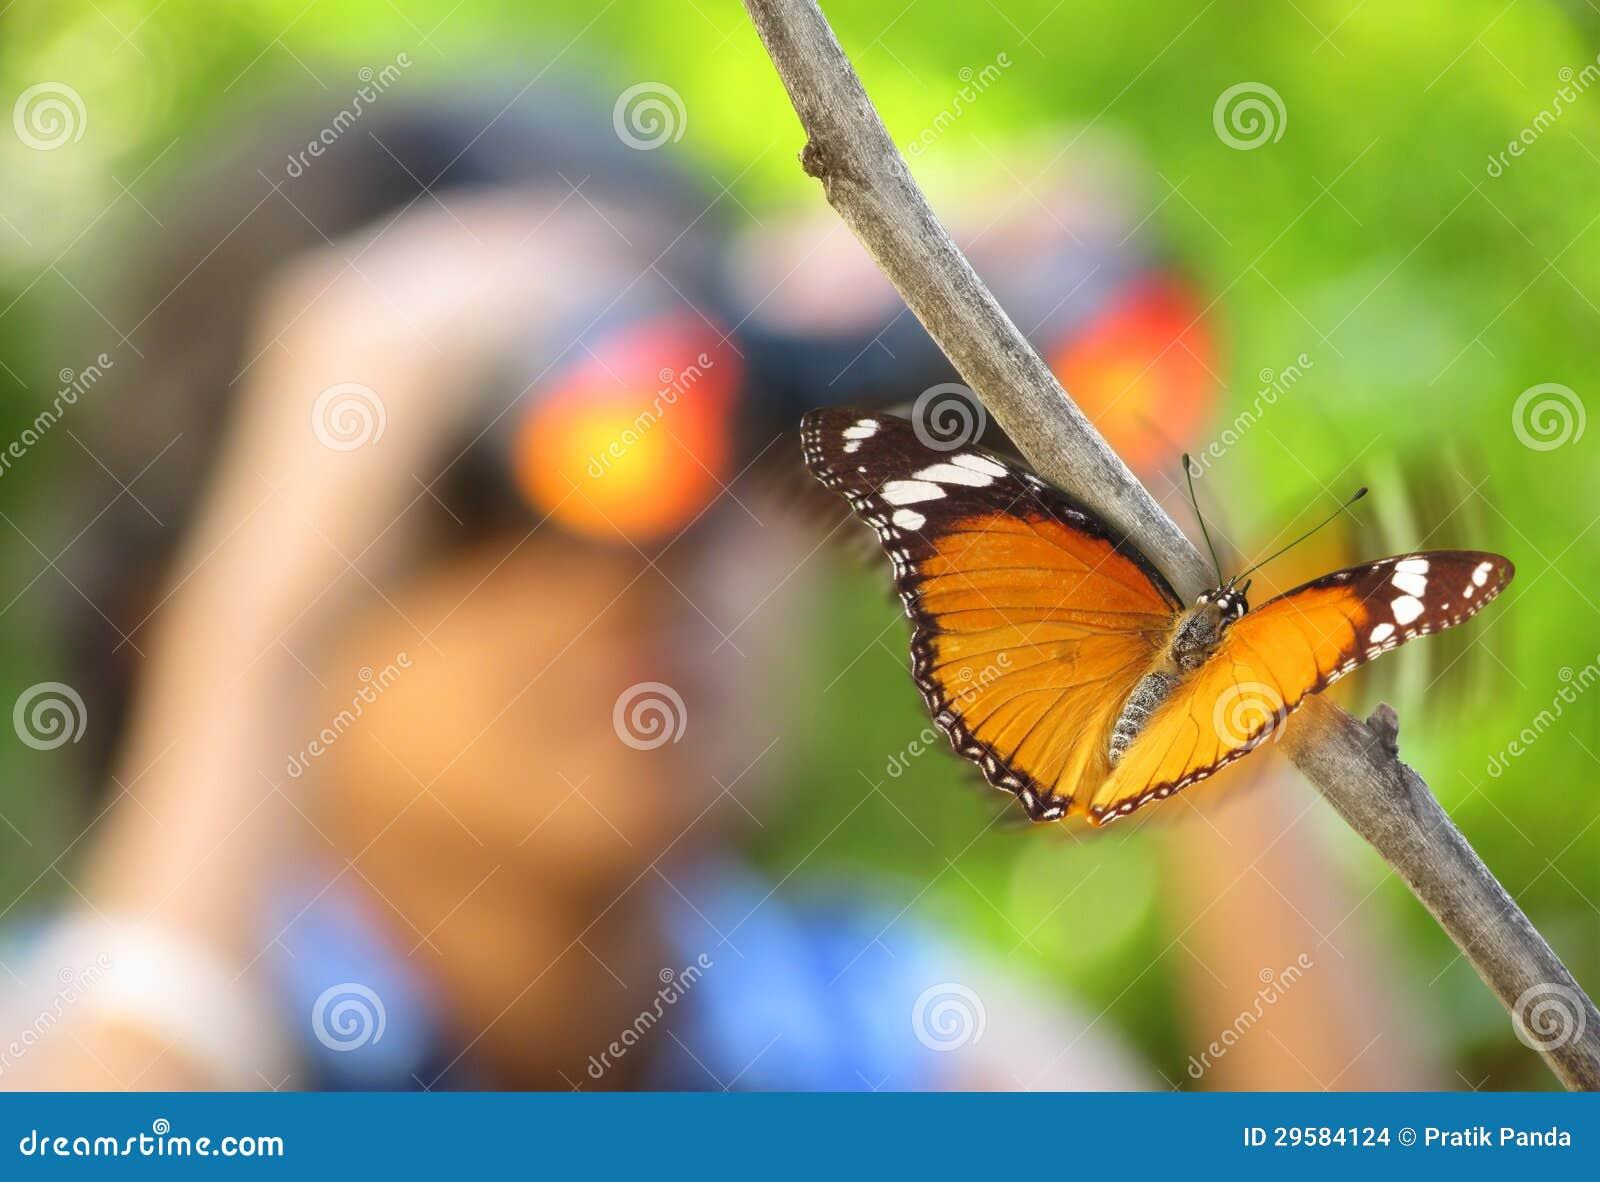 Osservazione della bellezza della natura fotografia stock - Immagini da colorare della natura ...